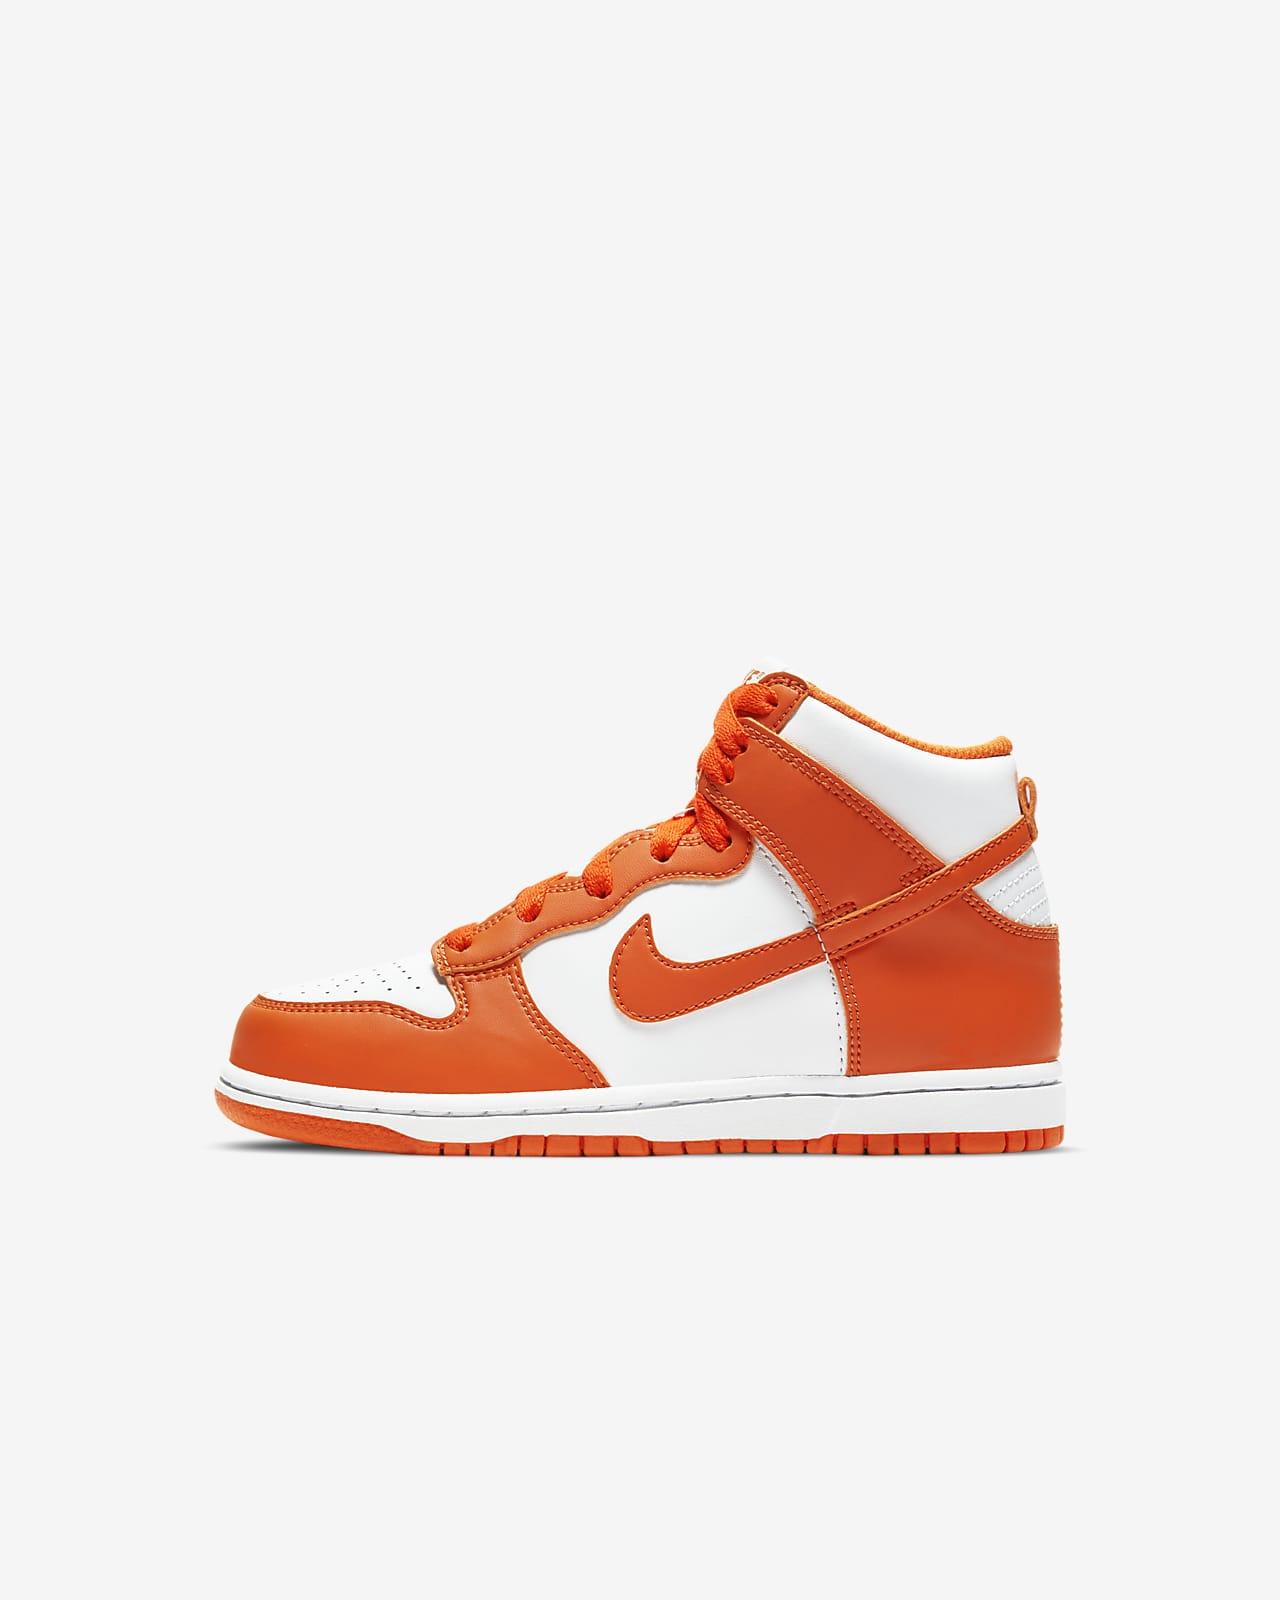 Calzado para niños de talla pequeña Nike Dunk High